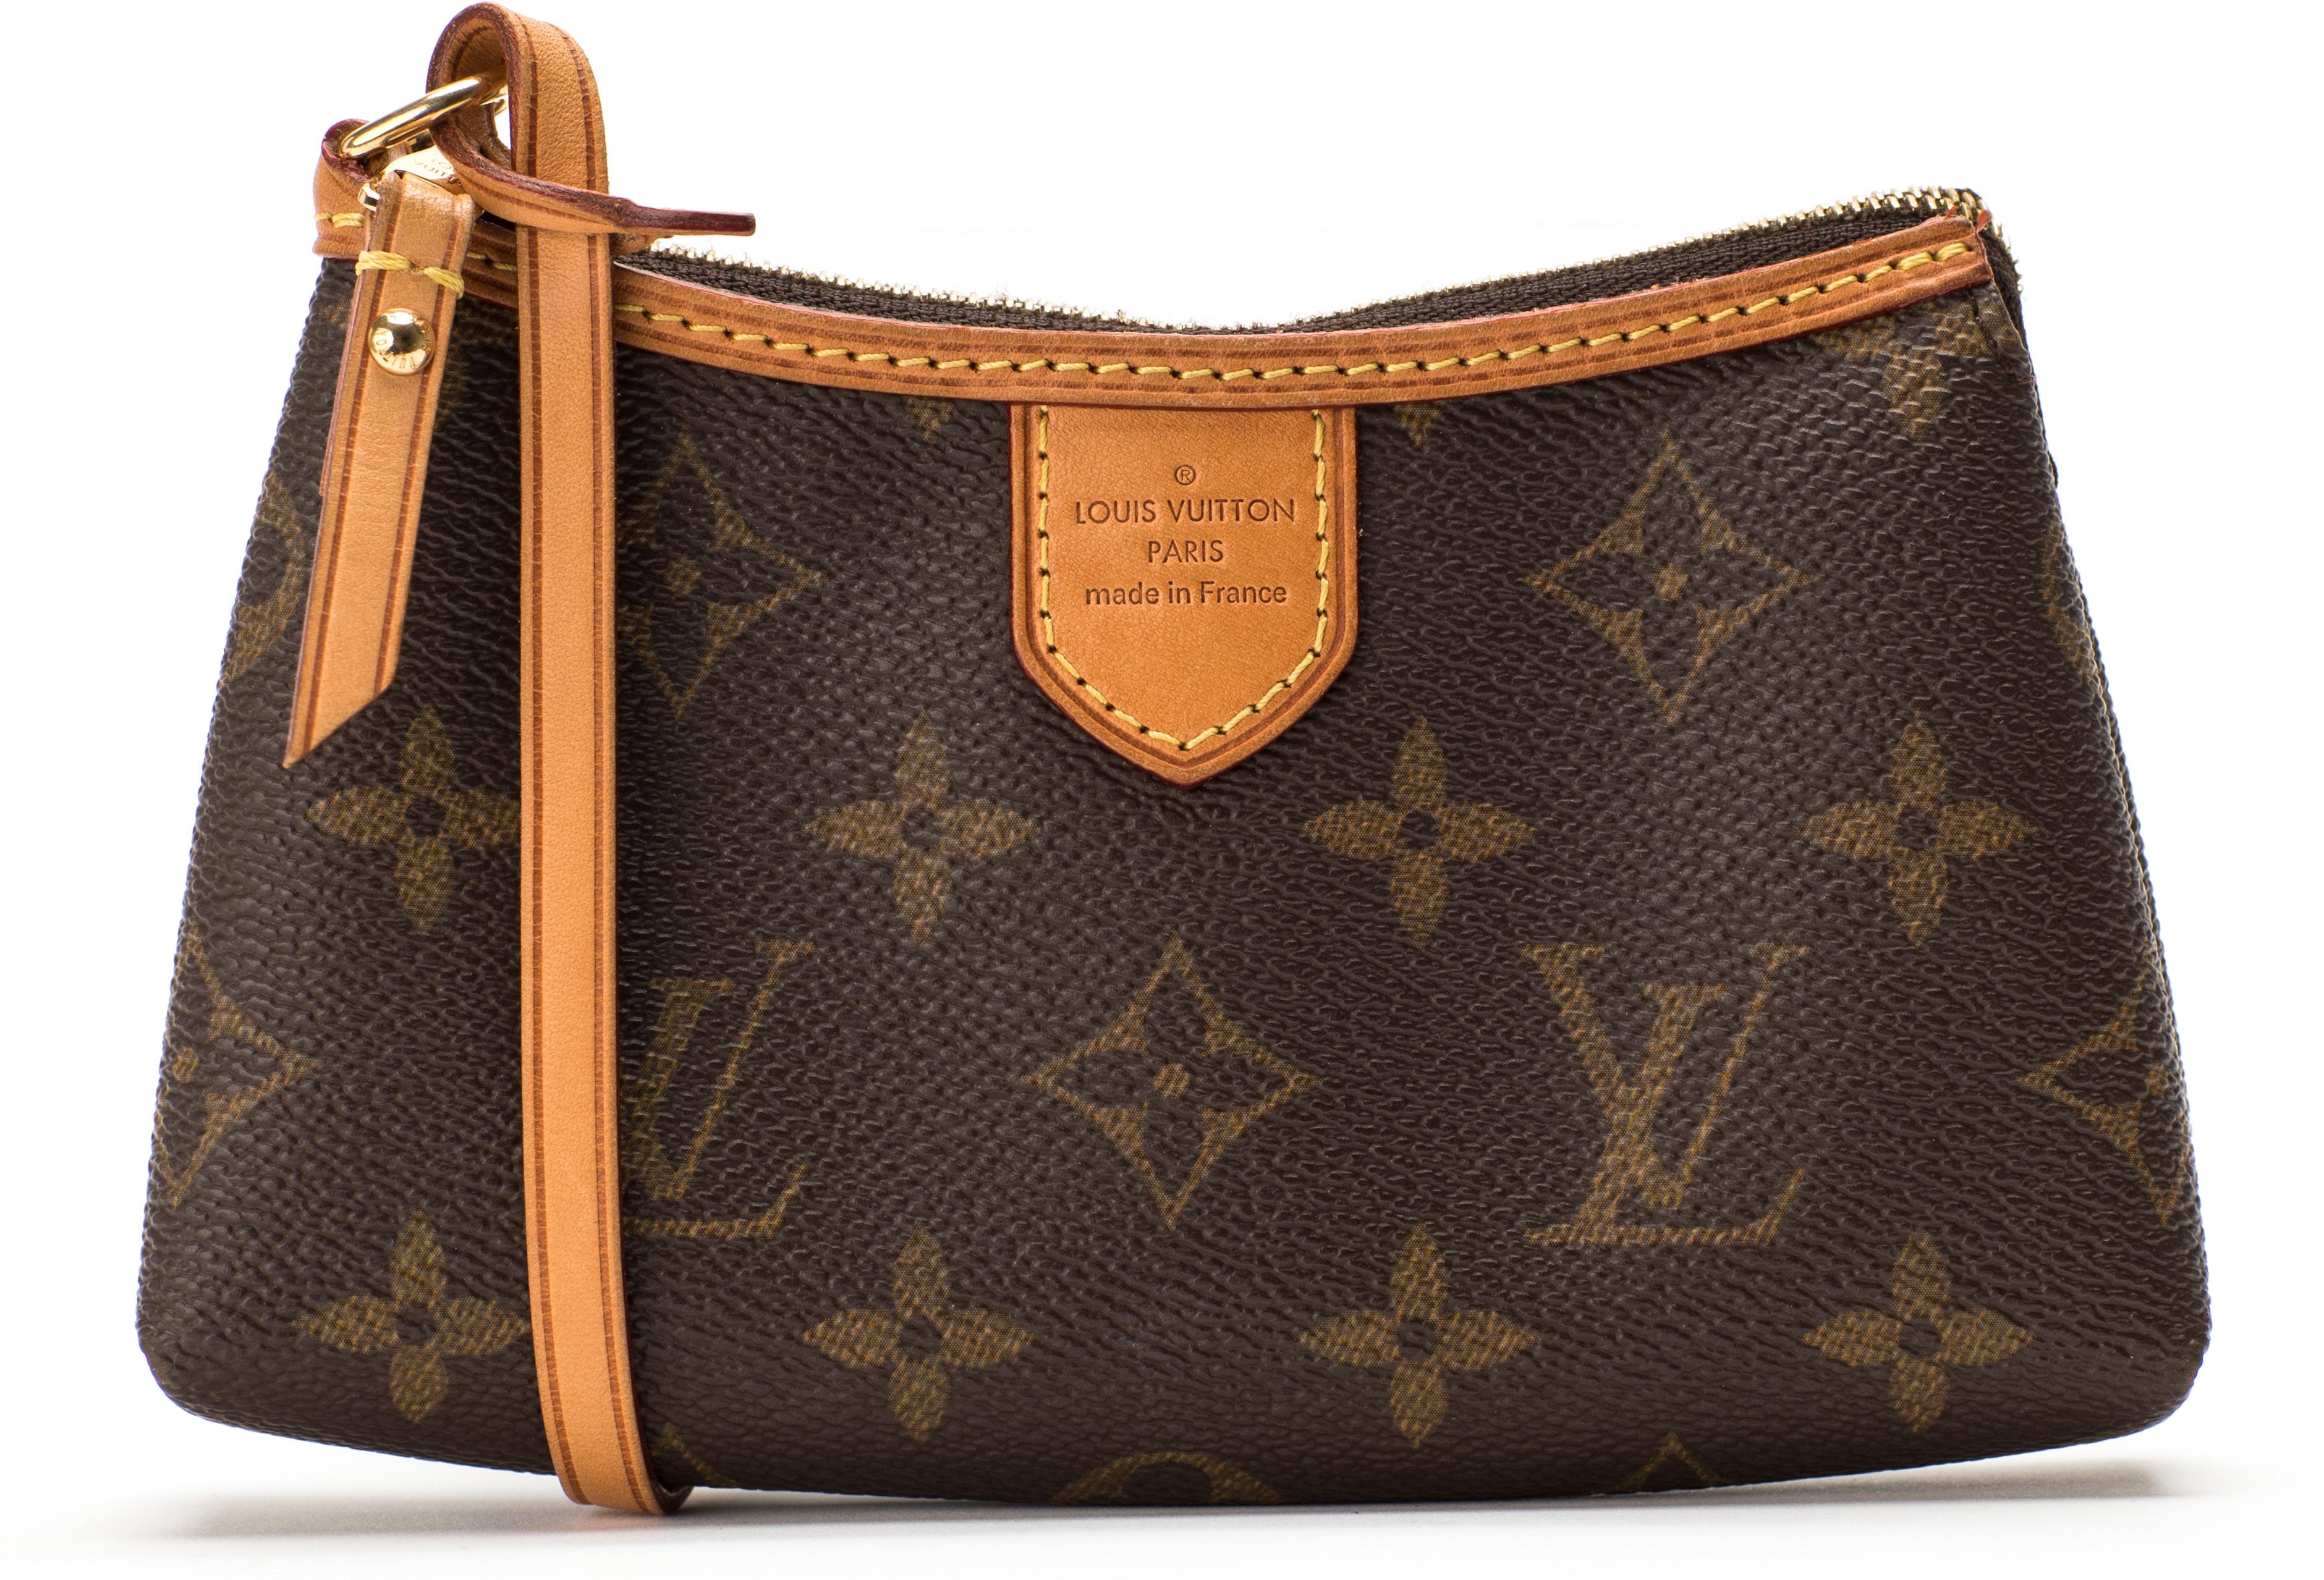 Louis Vuitton Delightful Pochette Monogram Mini Brown